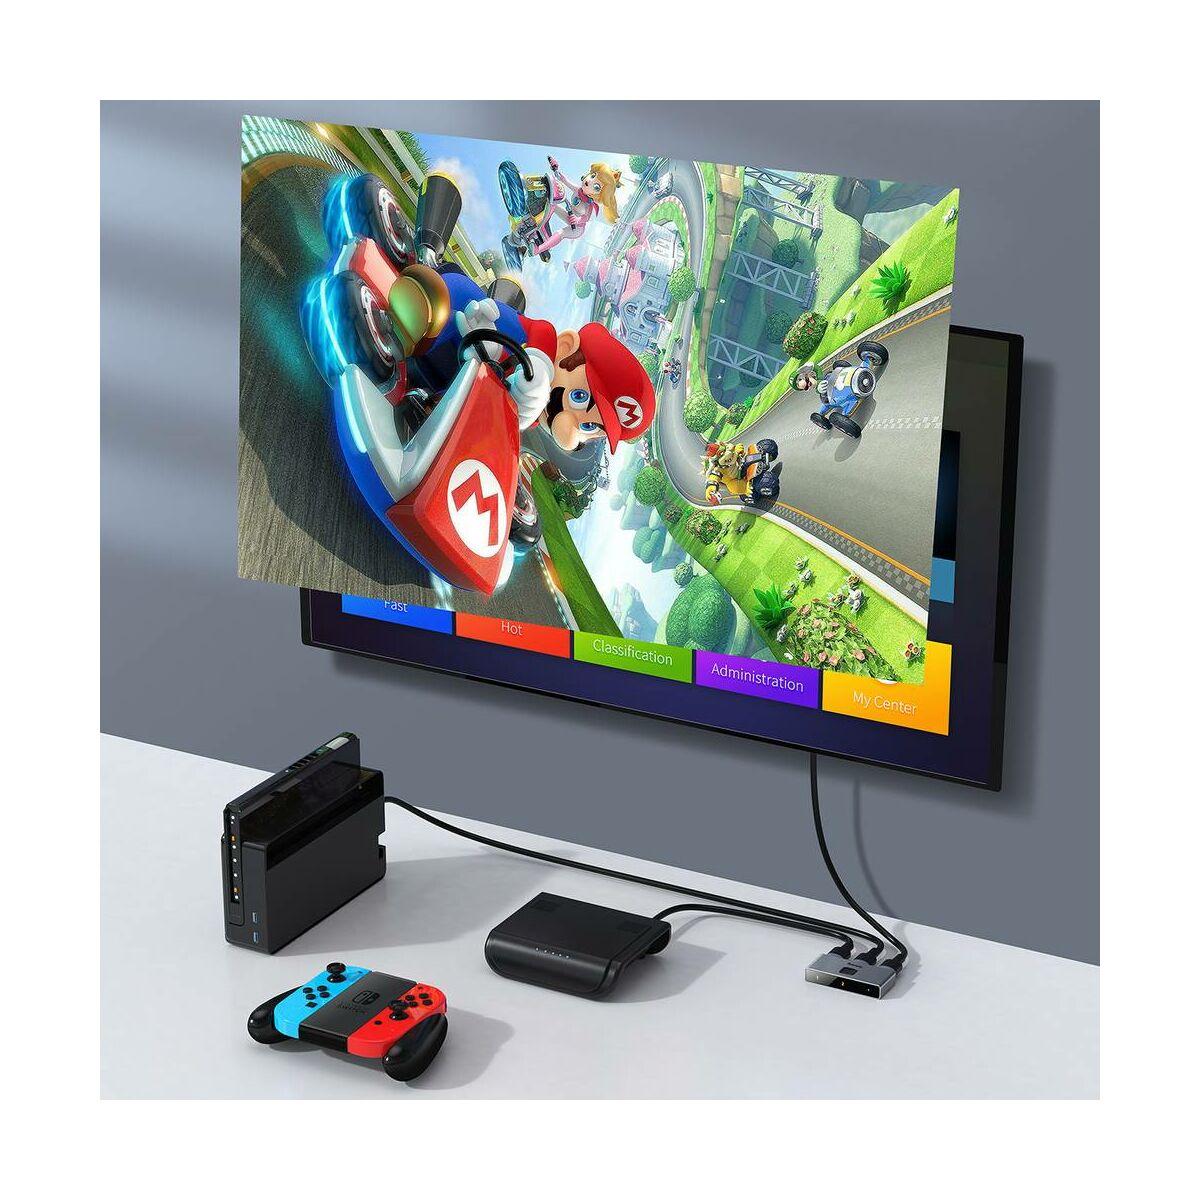 Baseus HUB, Matrix HDMI jel elosztó/összesítő (2-in-1 or 1-in-2), szürke (CAHUB-BC0G)